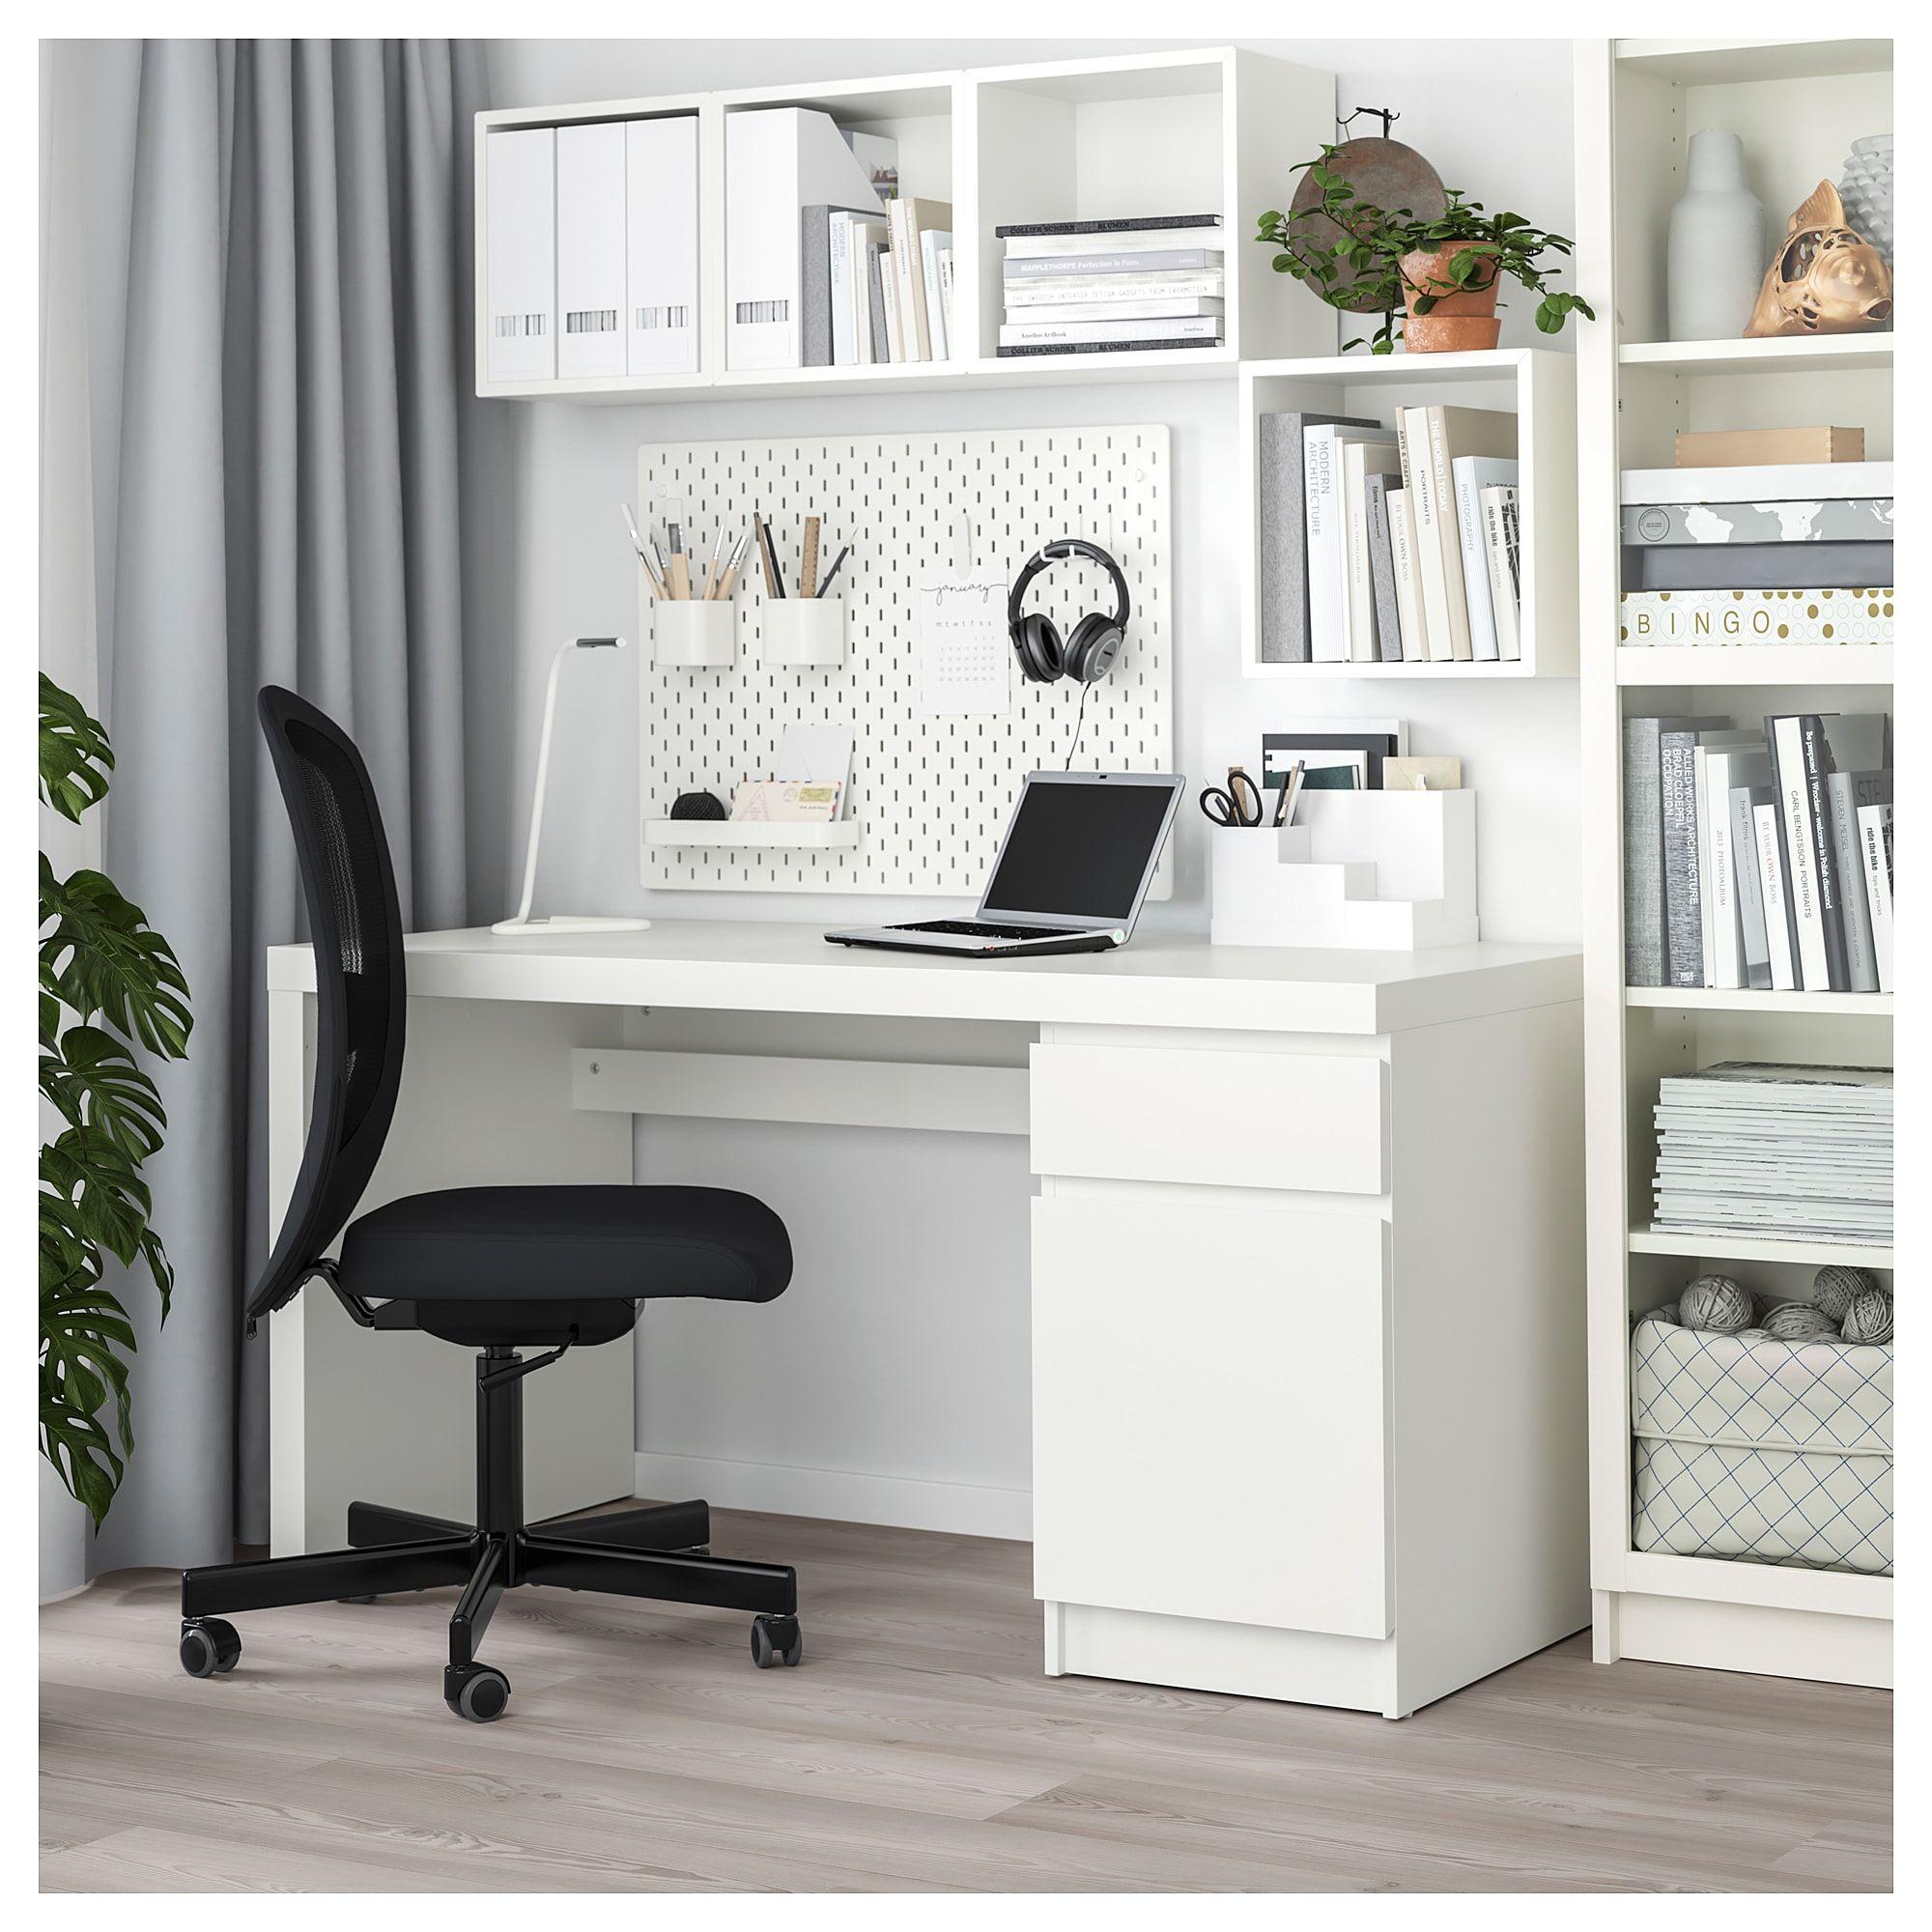 Ikea Malm Desk White White Desks Ikea Malm Desk Black Desk